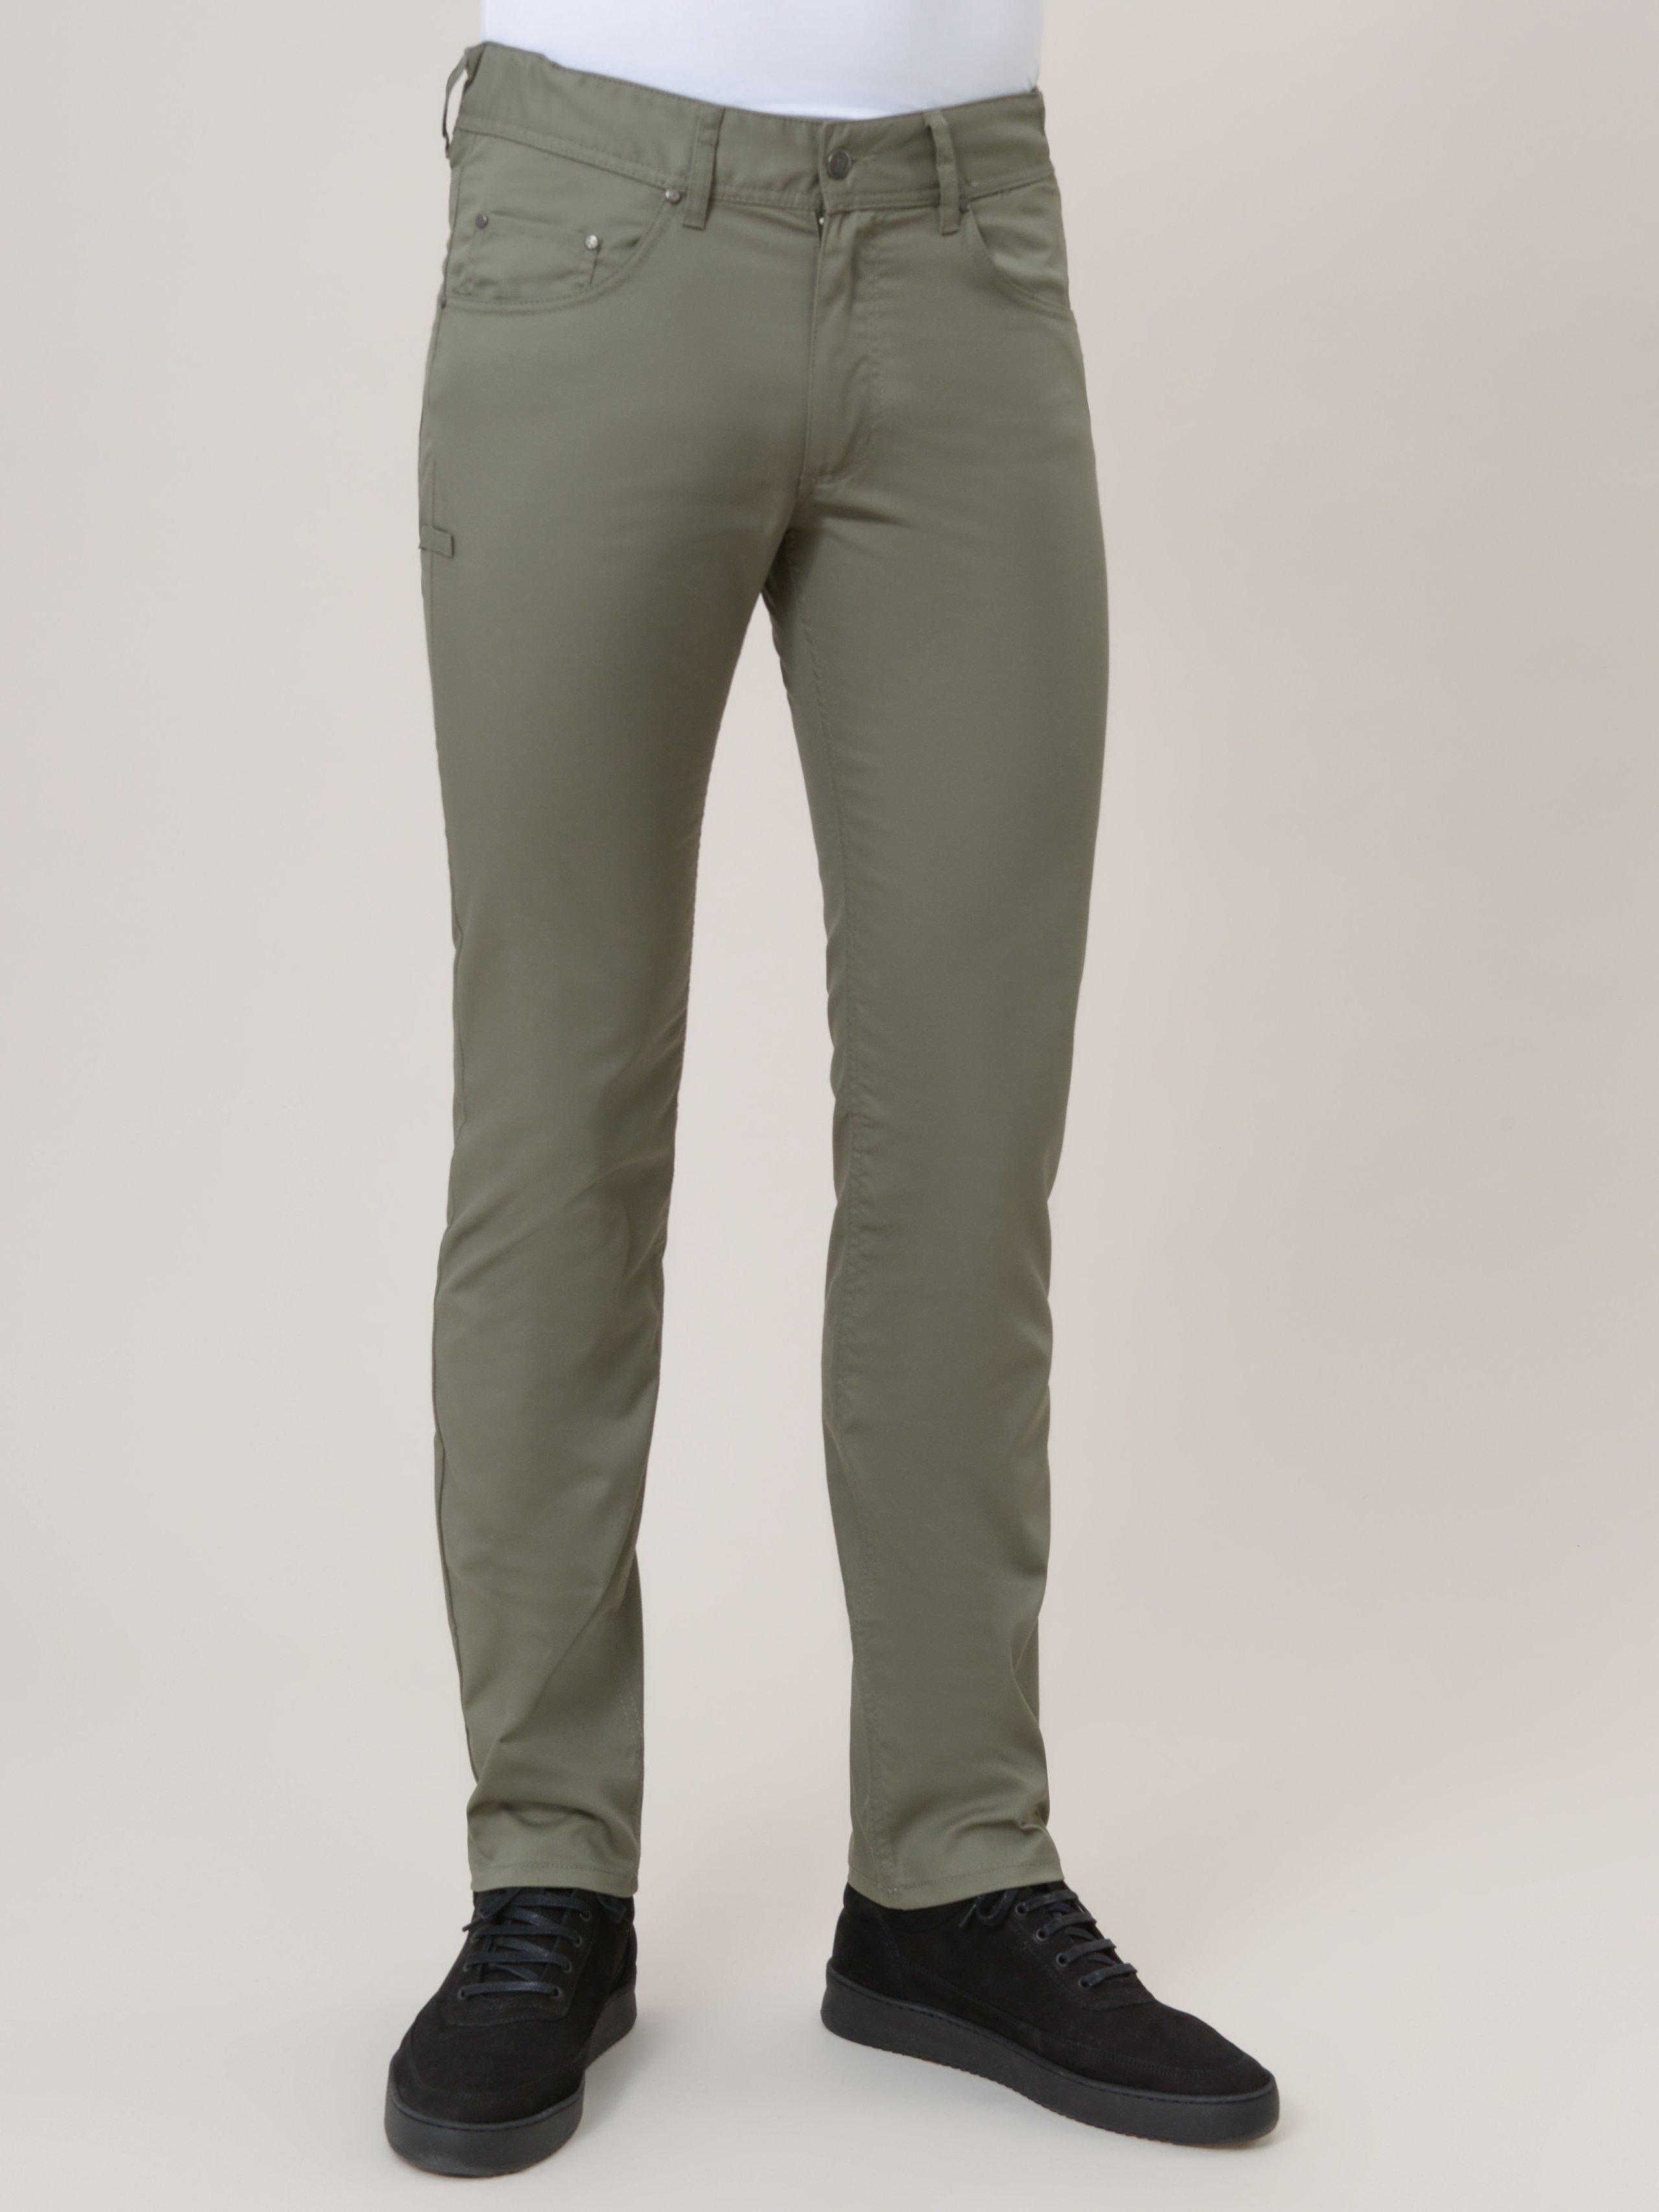 Pants Oregon Olivette